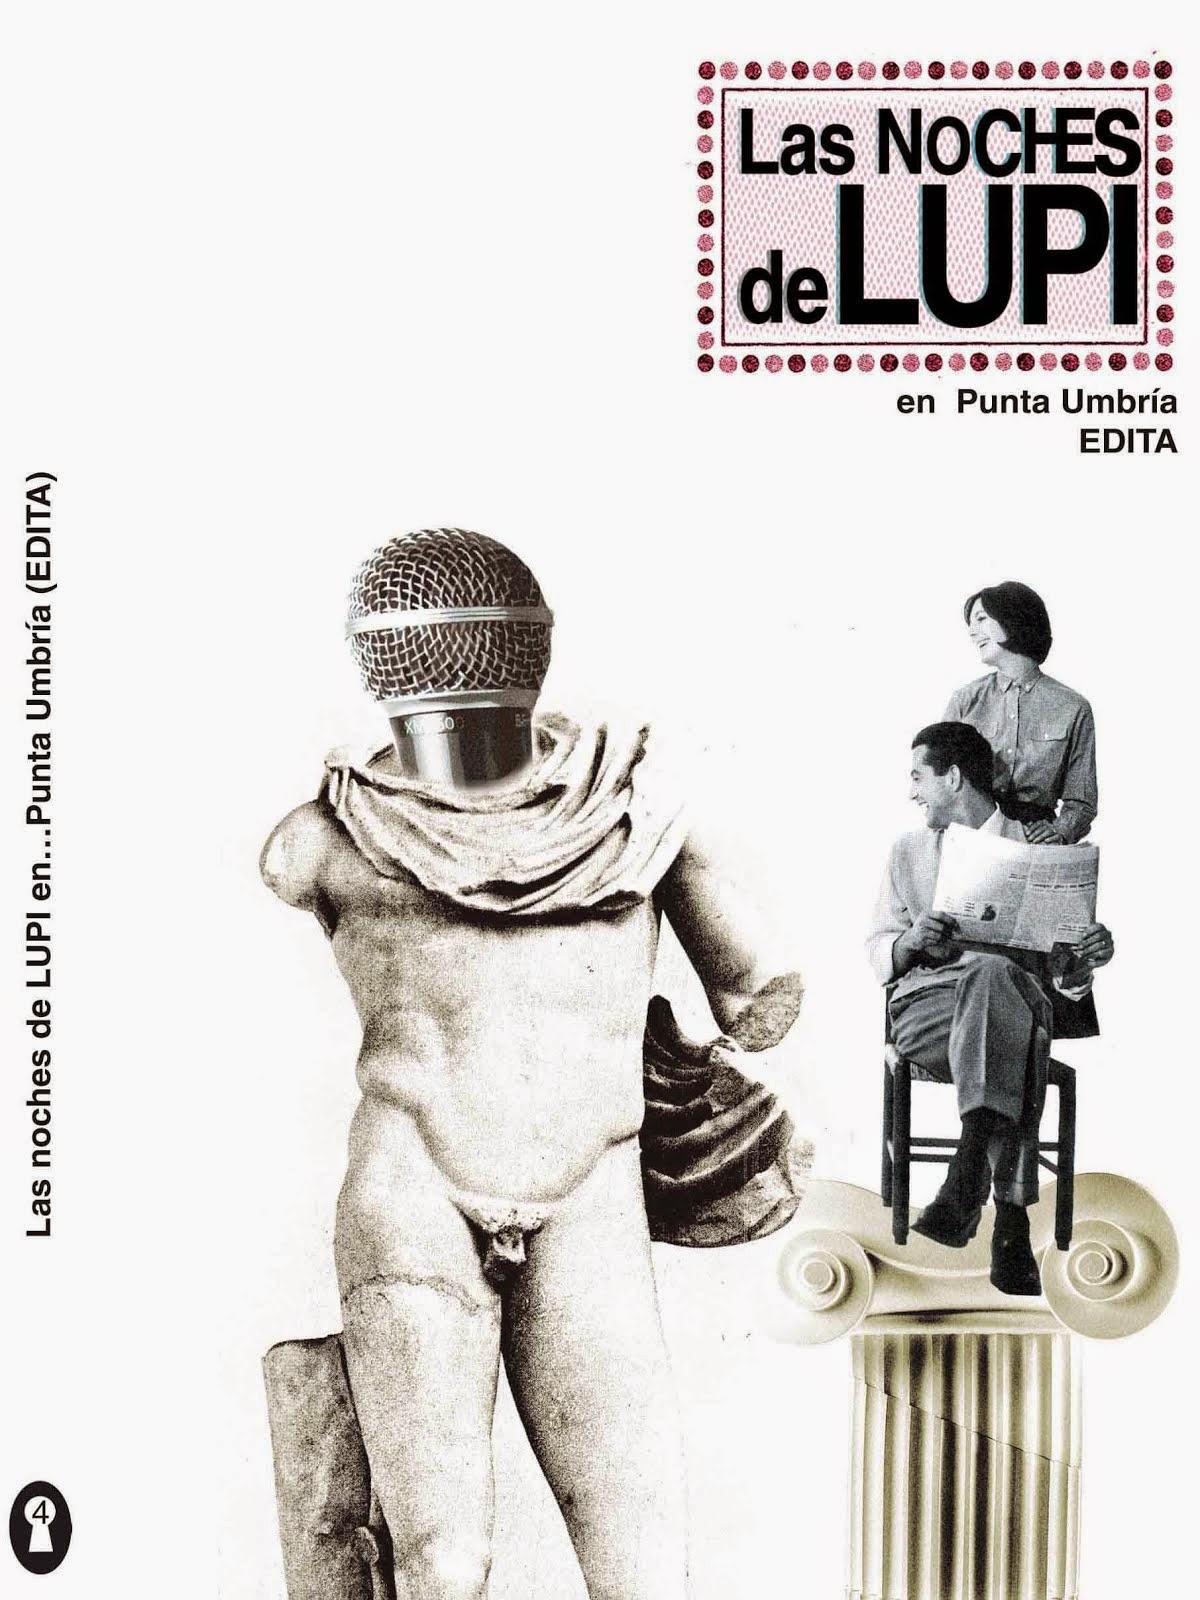 Las noches de Lupi en Punta Umbría EDITA